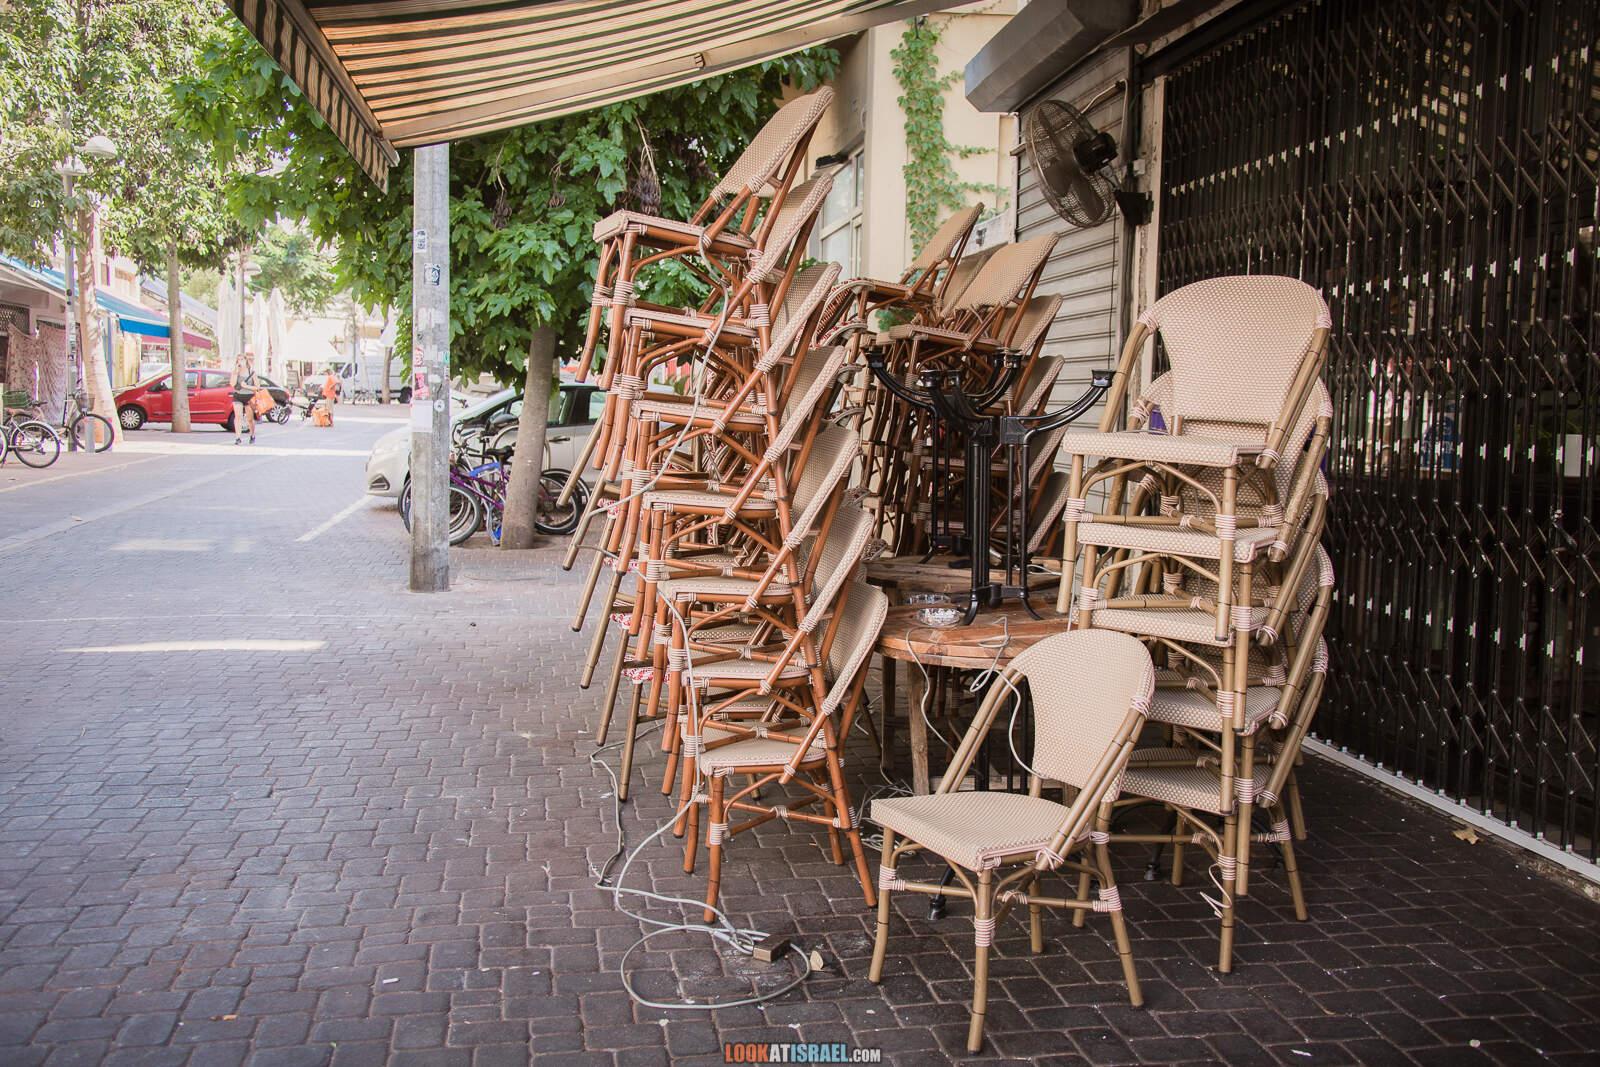 Тель-Авив, улица ремесленников Нахалат Биньямин и рынок Кармель во время карантина   Lockdown on beaches of Tel Aviv   LookAtIsrael.com - Фото путешествия по Израилю